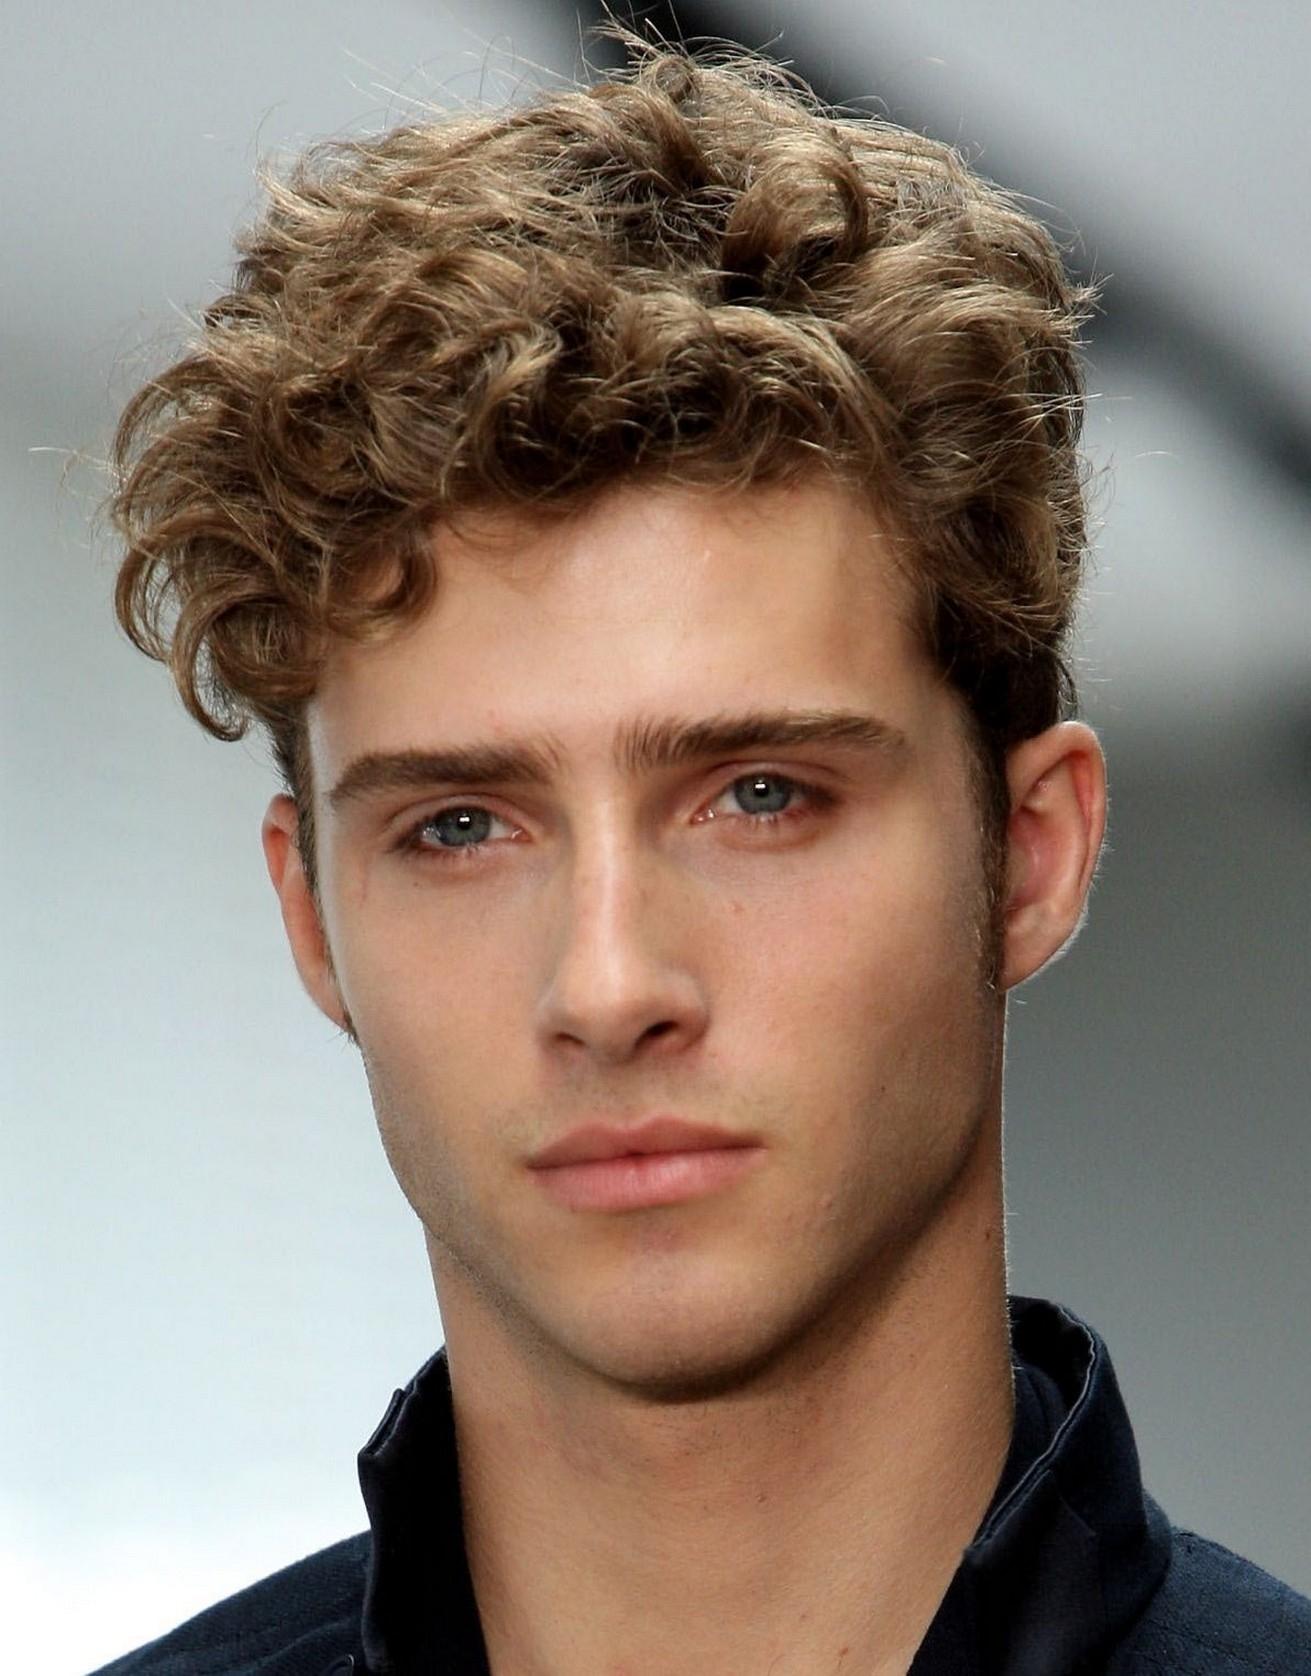 Tóc uốn xoăn lọn dành cho nam mặt dài